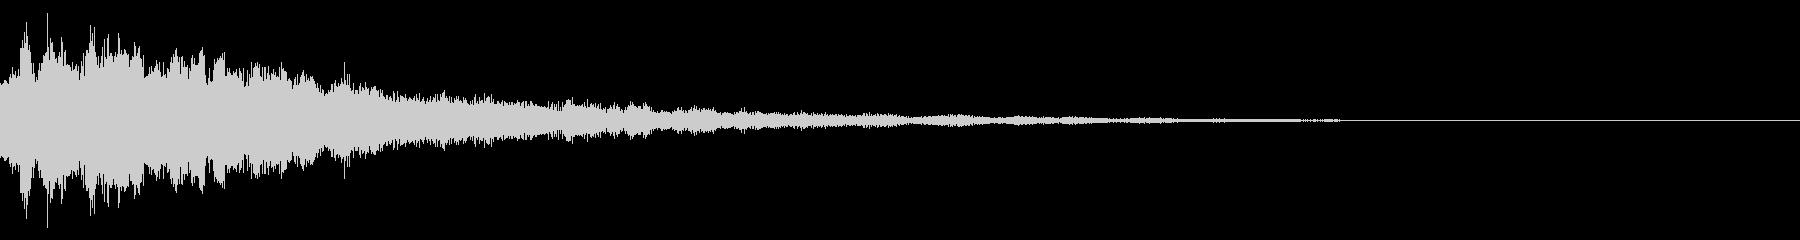 キラーンと光る音の未再生の波形